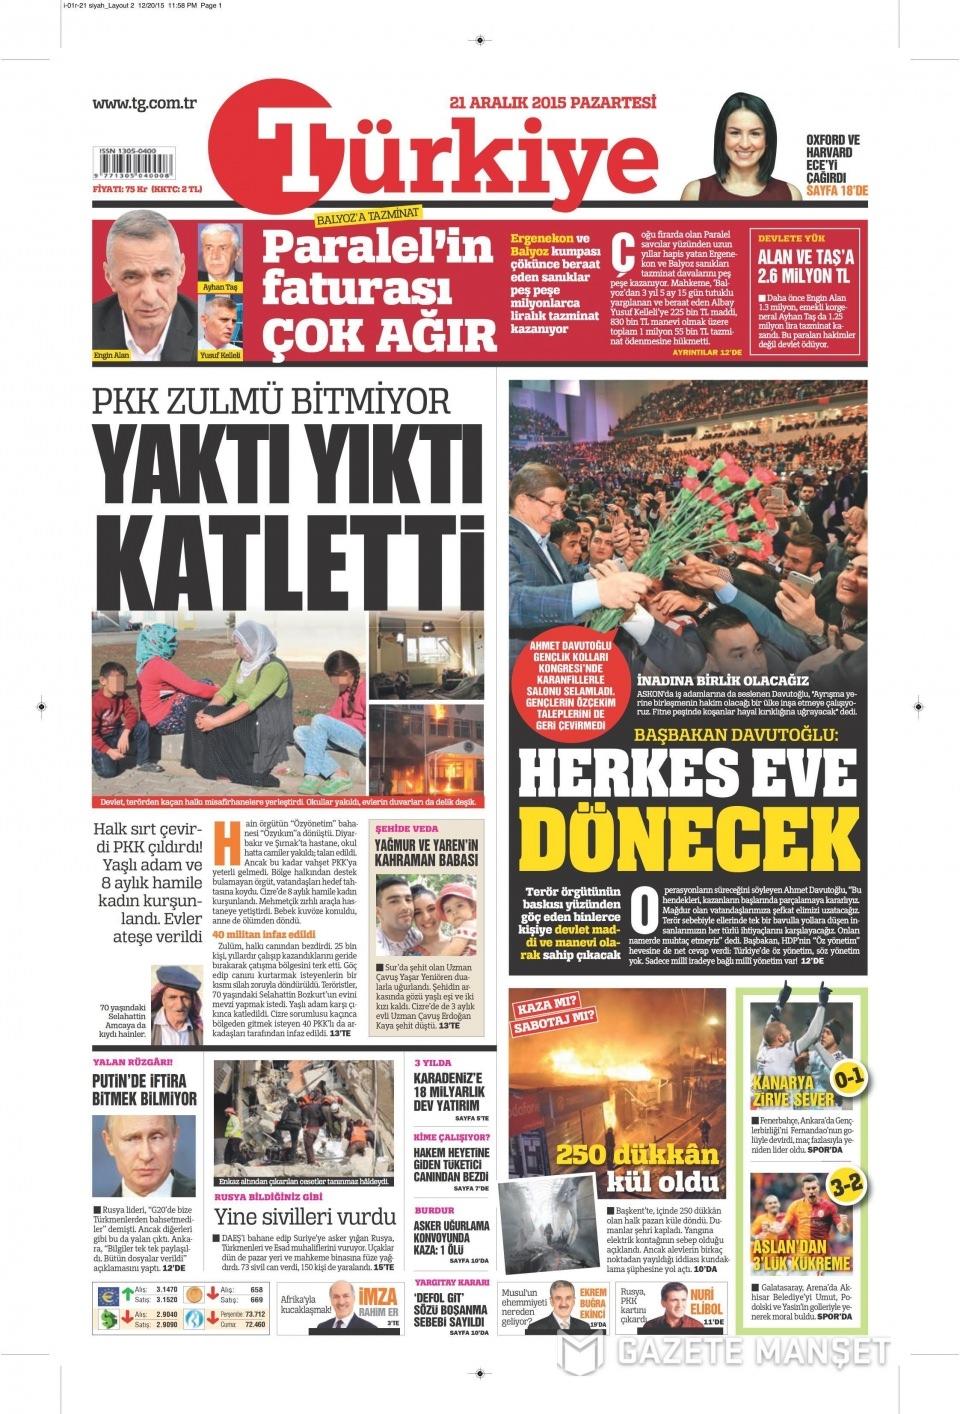 21 Aralık 2015 gazete manşetleri 18